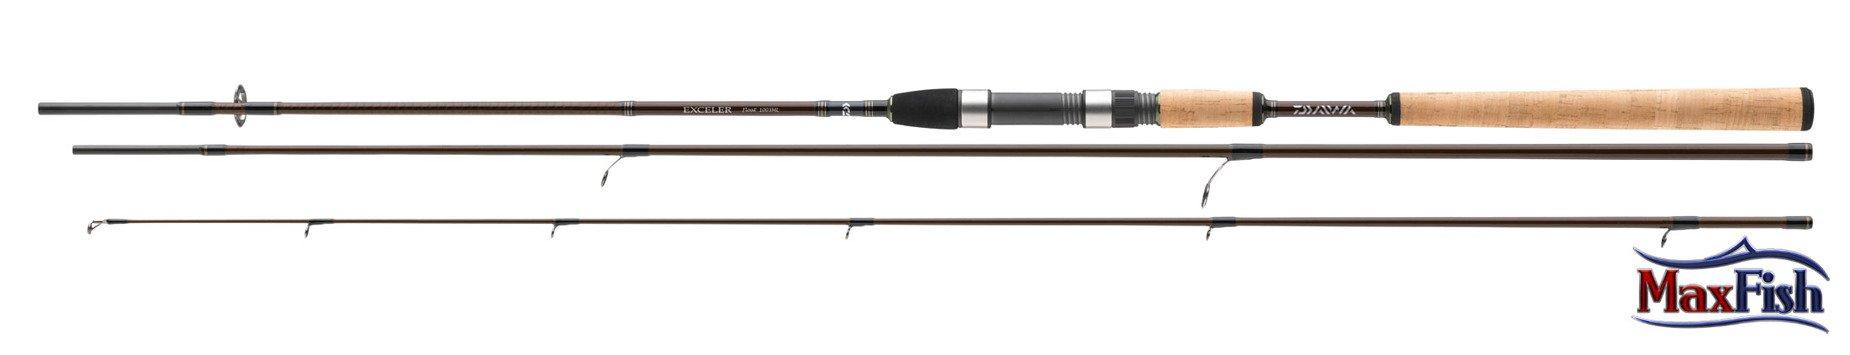 Daiwa Exceler Float  390cm 10-30g